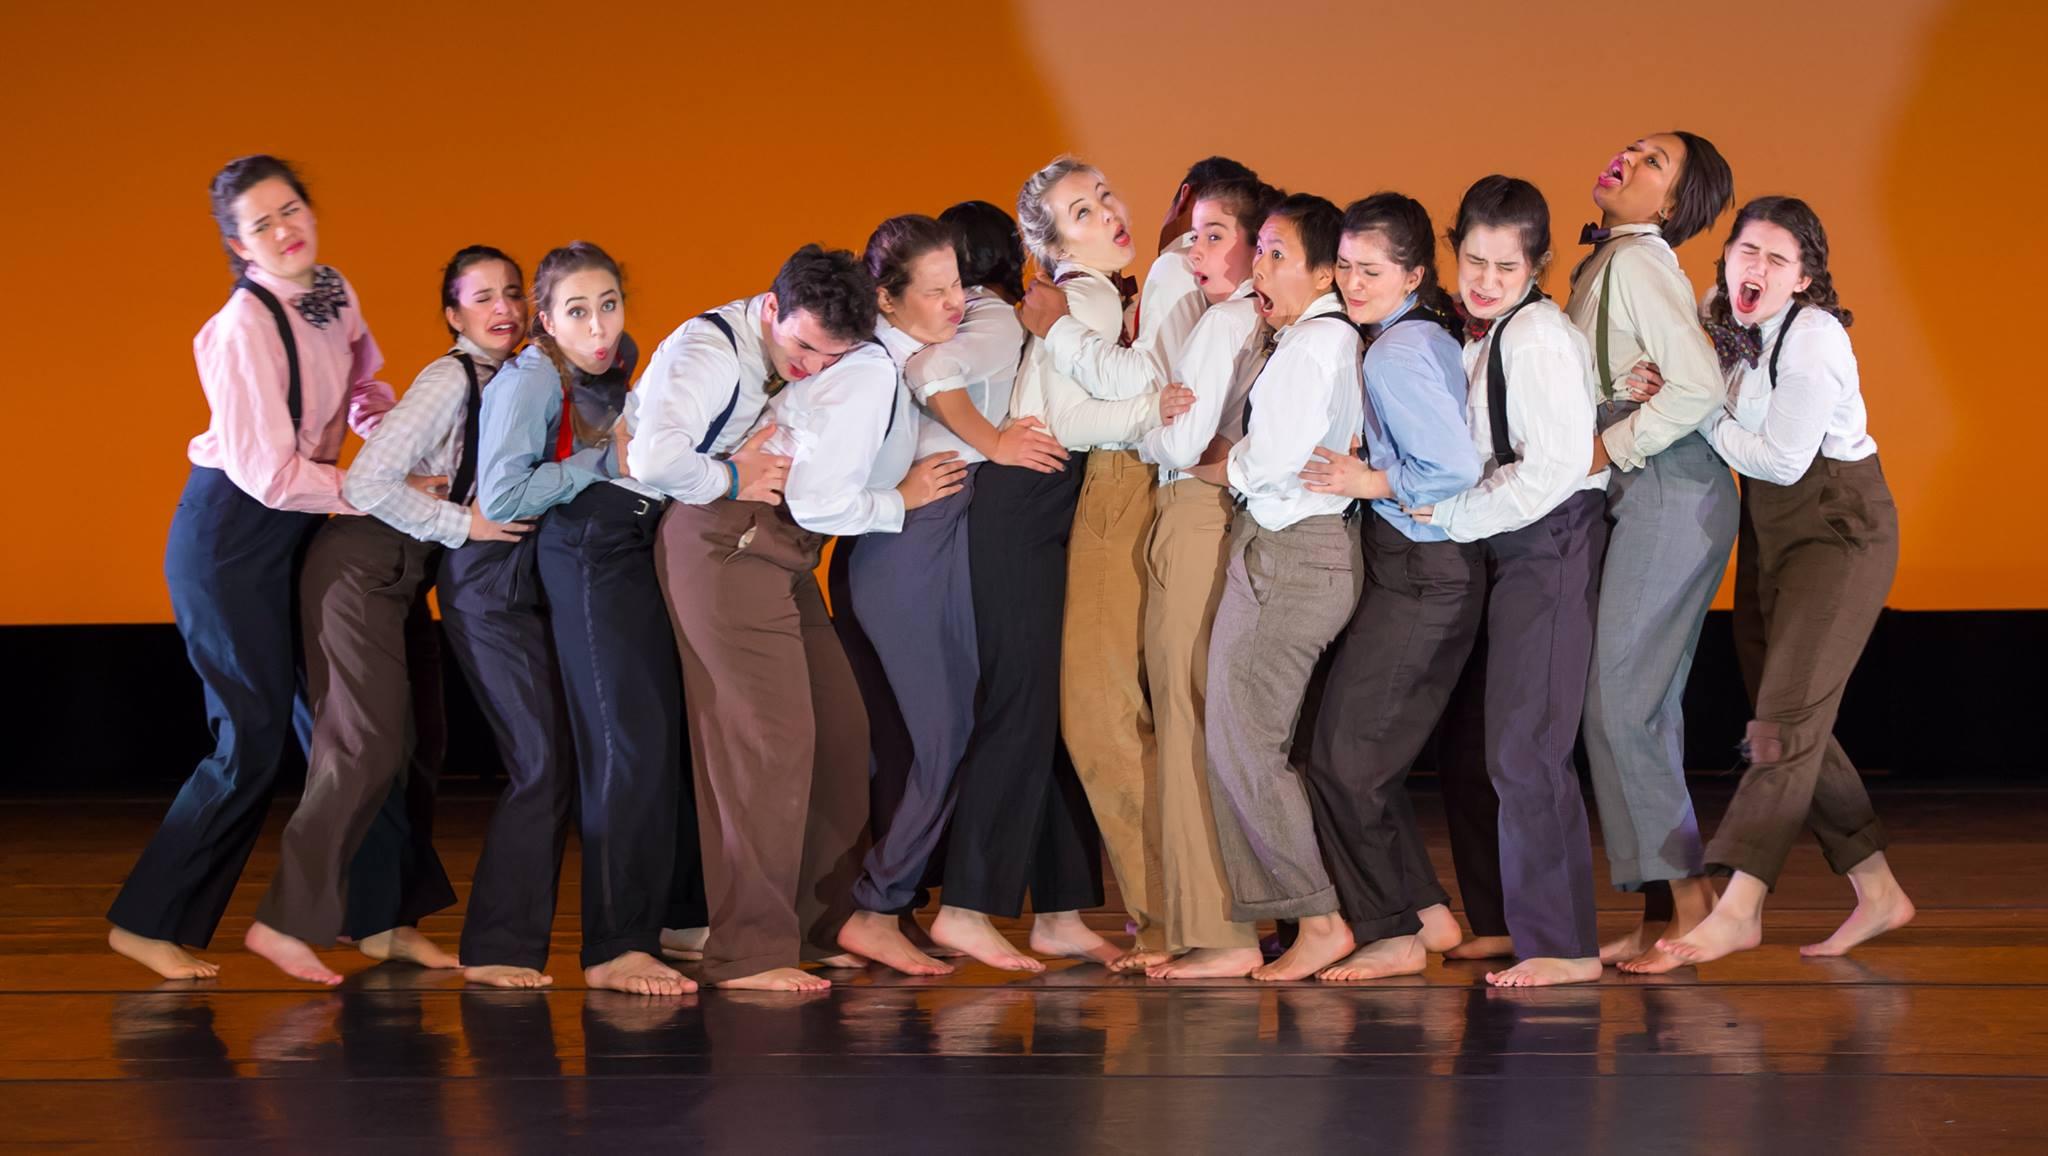 sonya dance 2.jpg